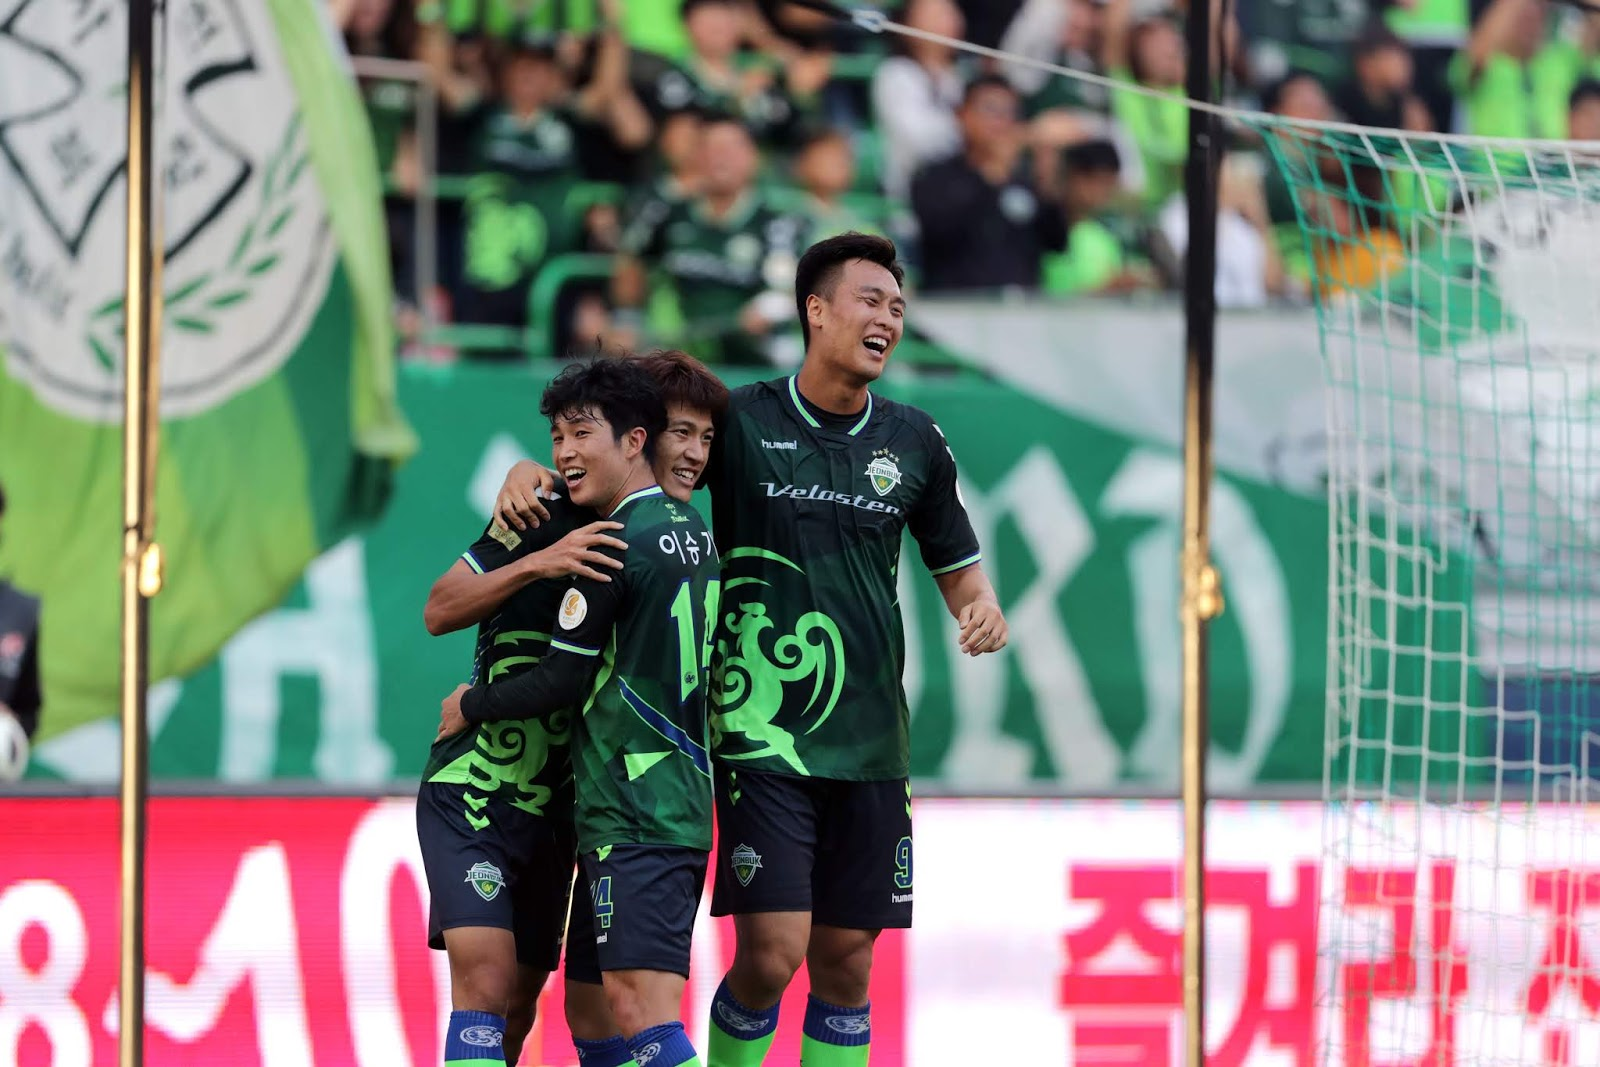 K League 1 Preview: Jeonbuk Hyundai Motors vs Gangwon FC